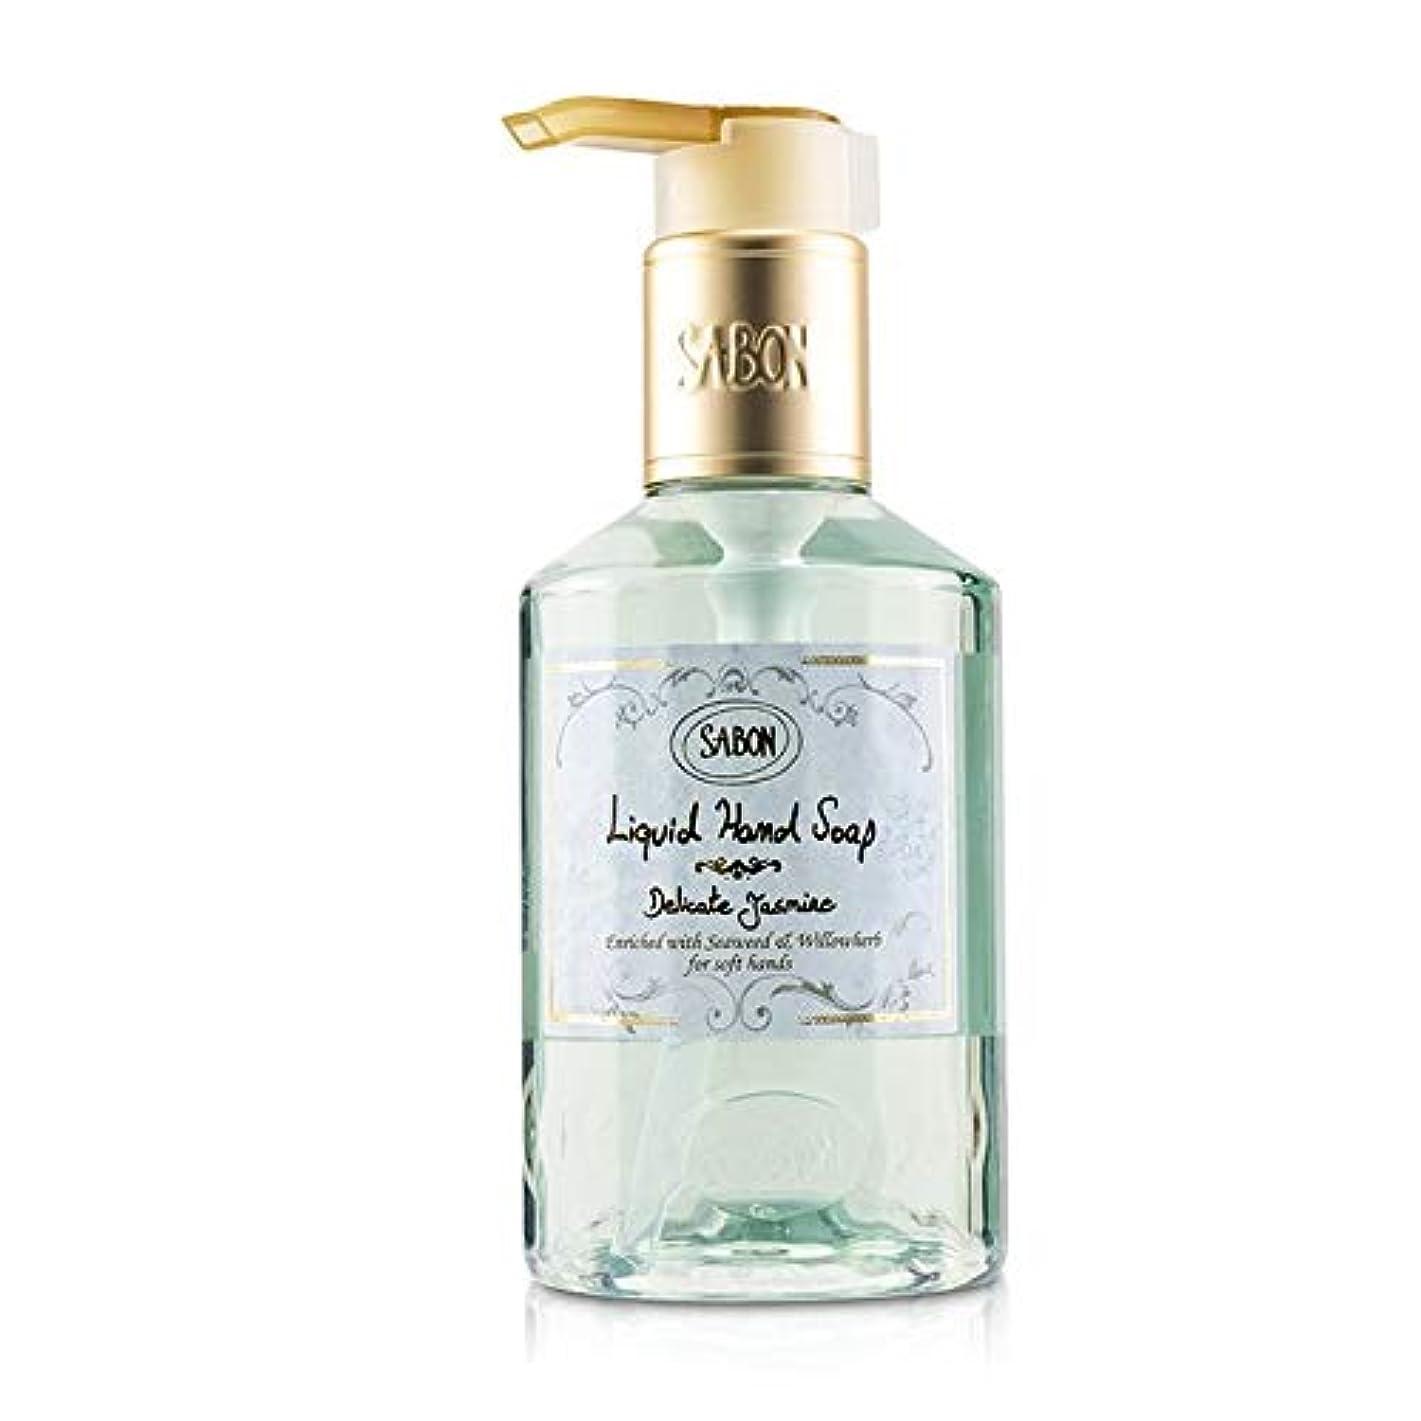 肌儀式プレミアサボン Liquid Hand Soap - Delicate Jasmine 200ml/7oz並行輸入品